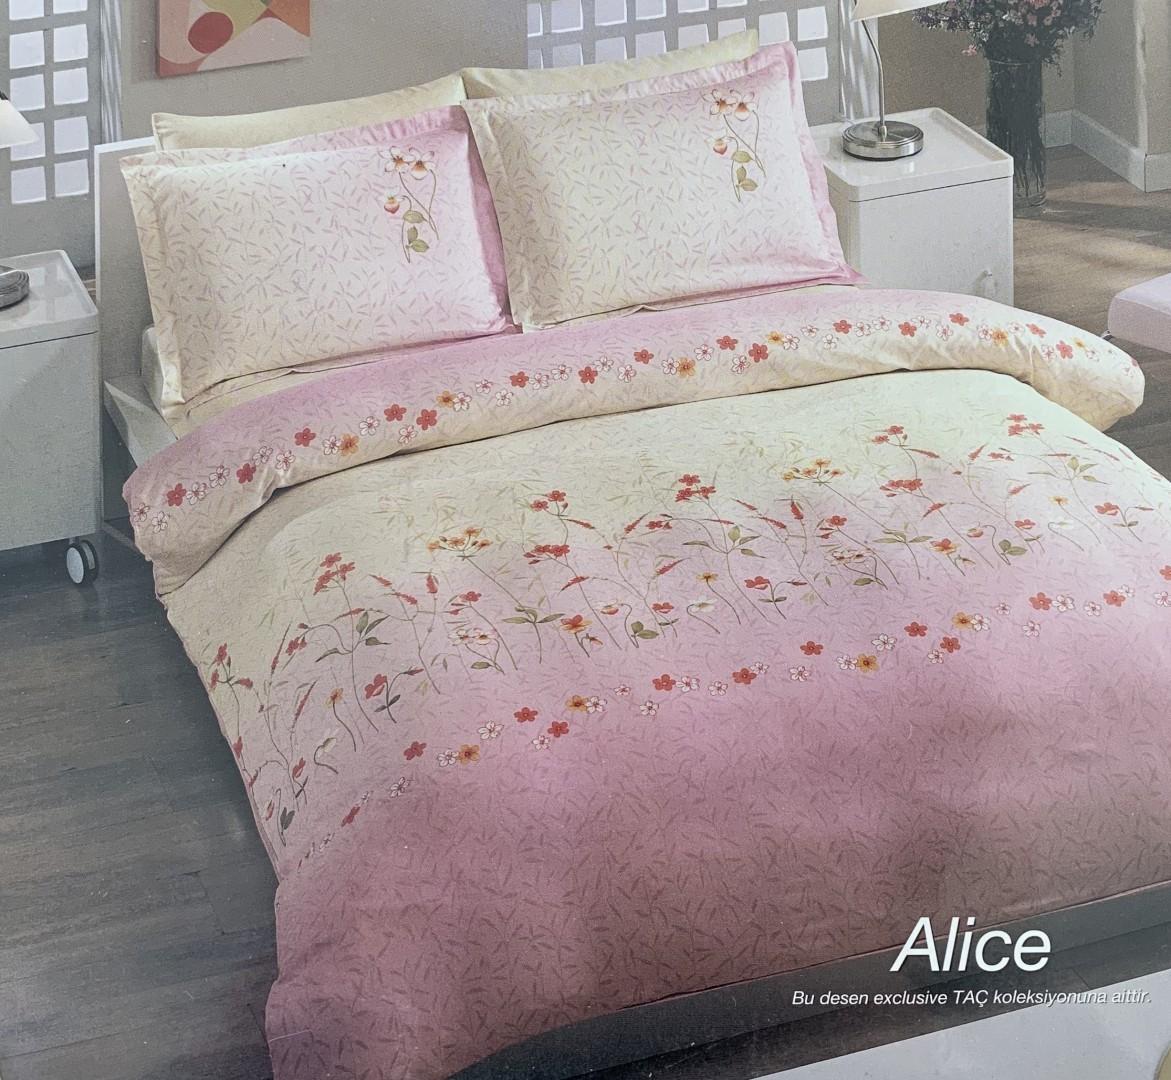 Komplet pościeli satynowej Alice 200x220cm